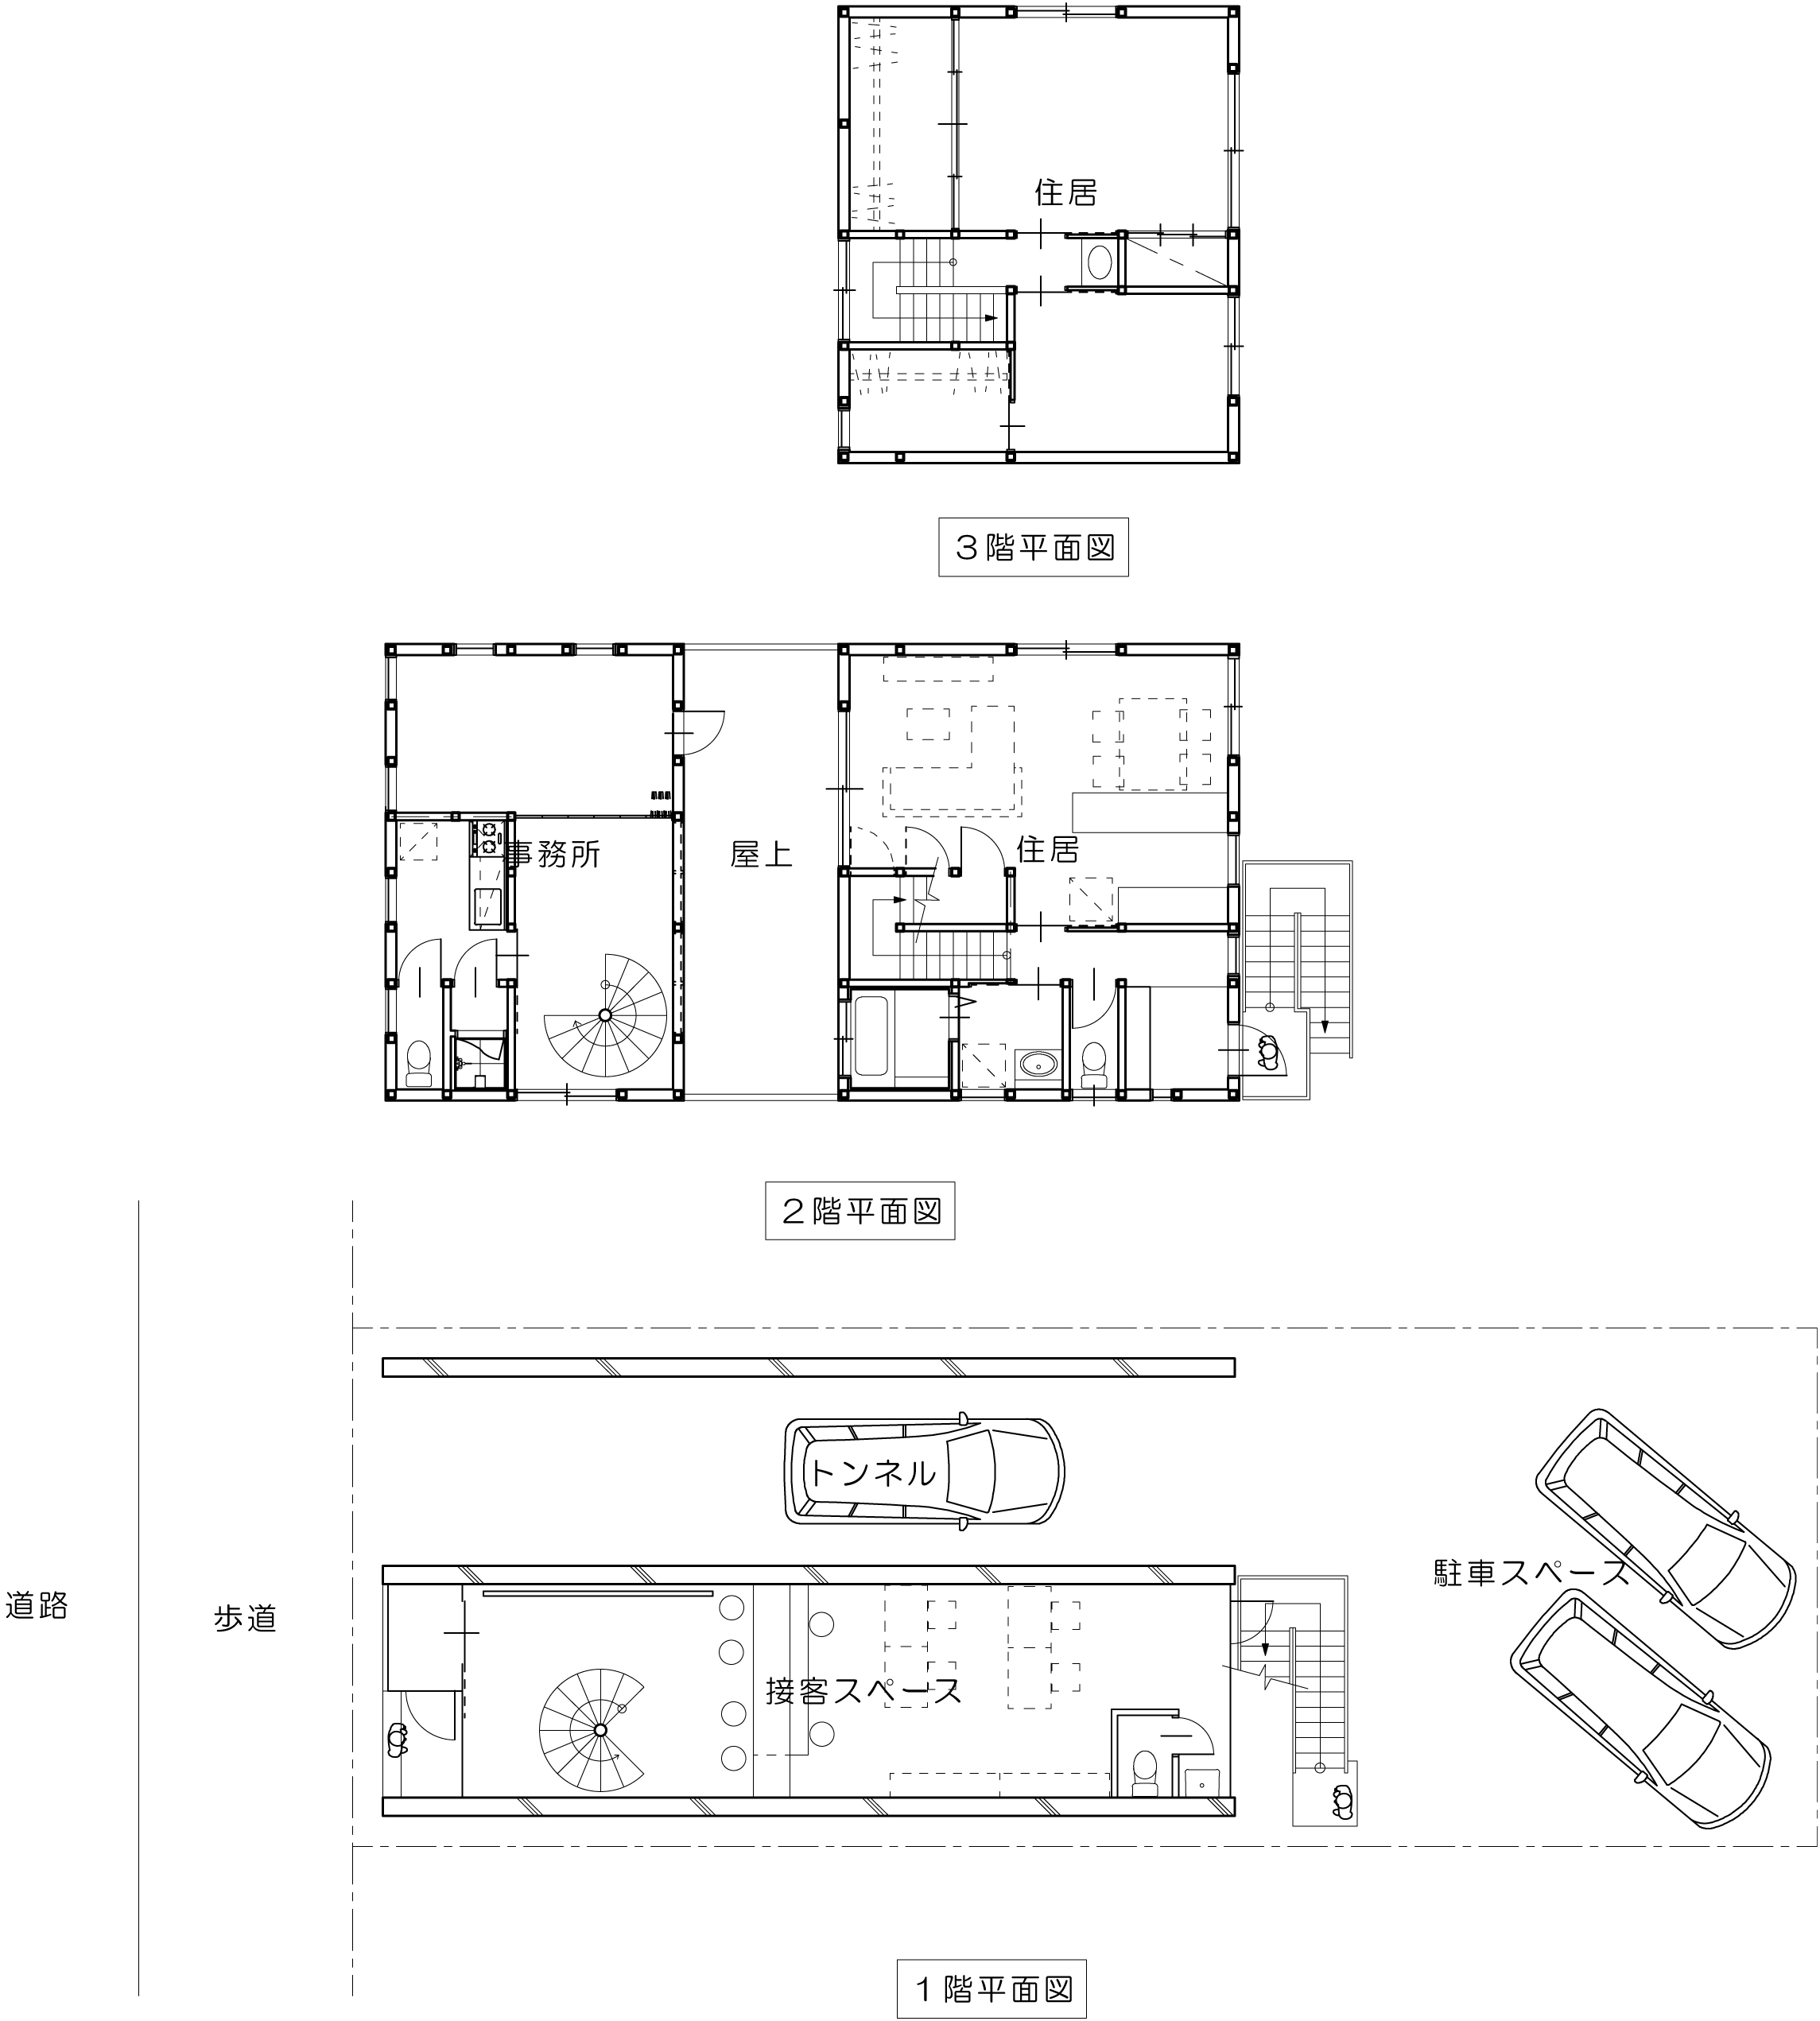 アンビルドシリーズ11 トンネルの上の2つの家_d0057215_21504087.jpg